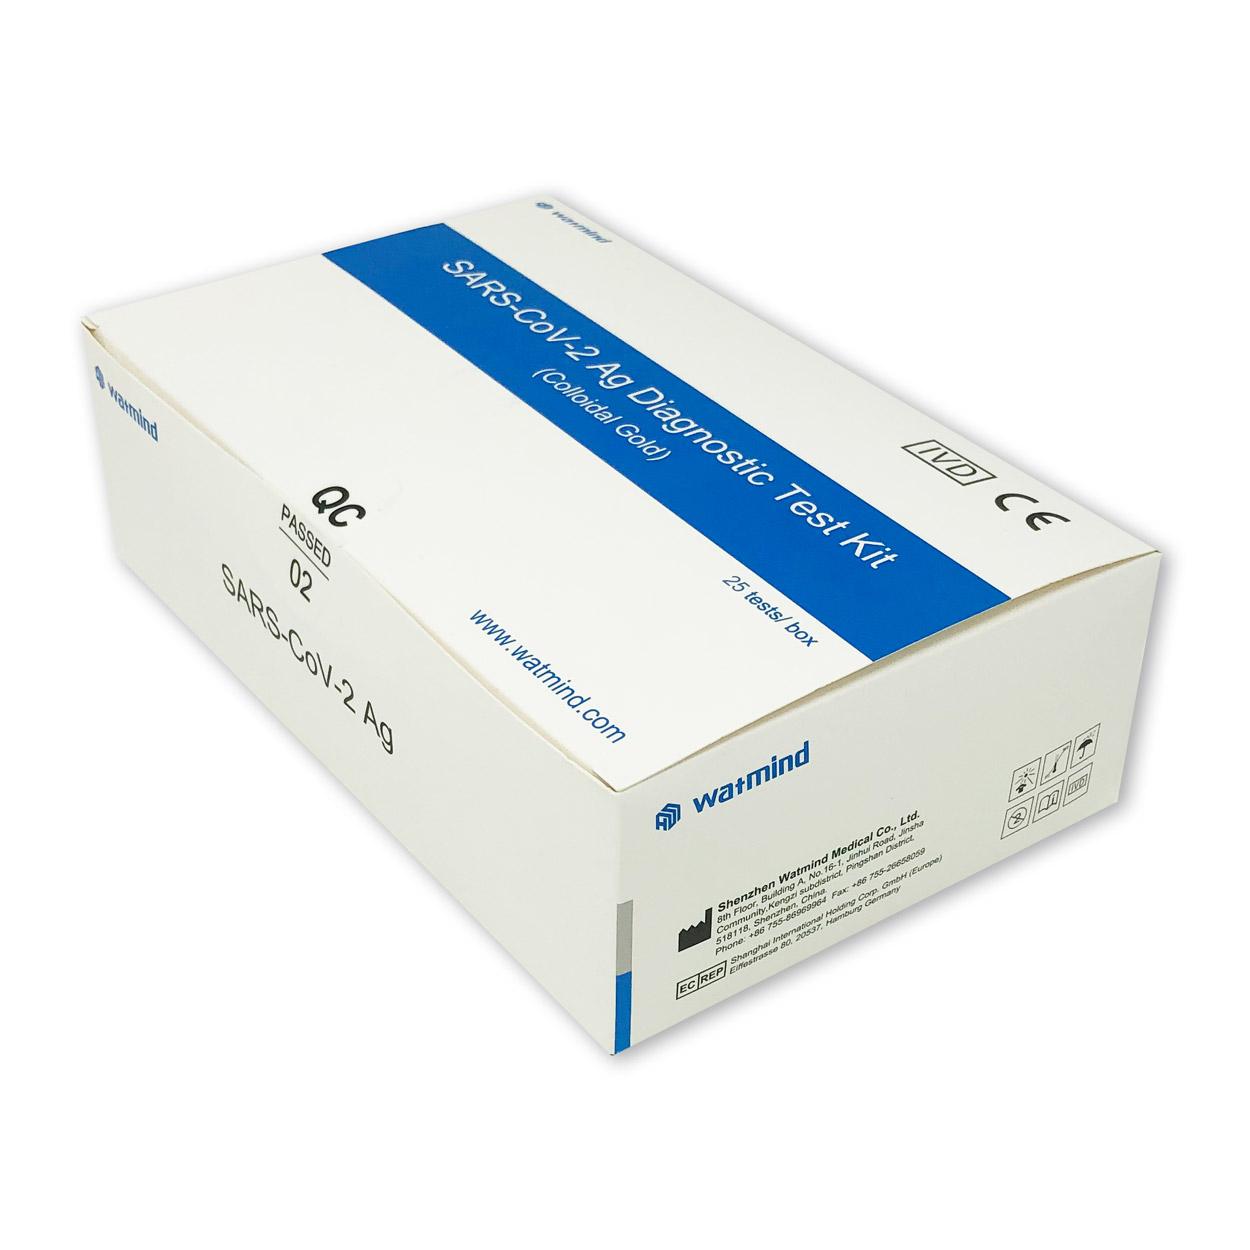 Watmind Rachen- u. Nasen Abstrich-Test für Laien (Colloidal Gold) - Corona Antigen-Schnelltest - Packung á 25 Stück